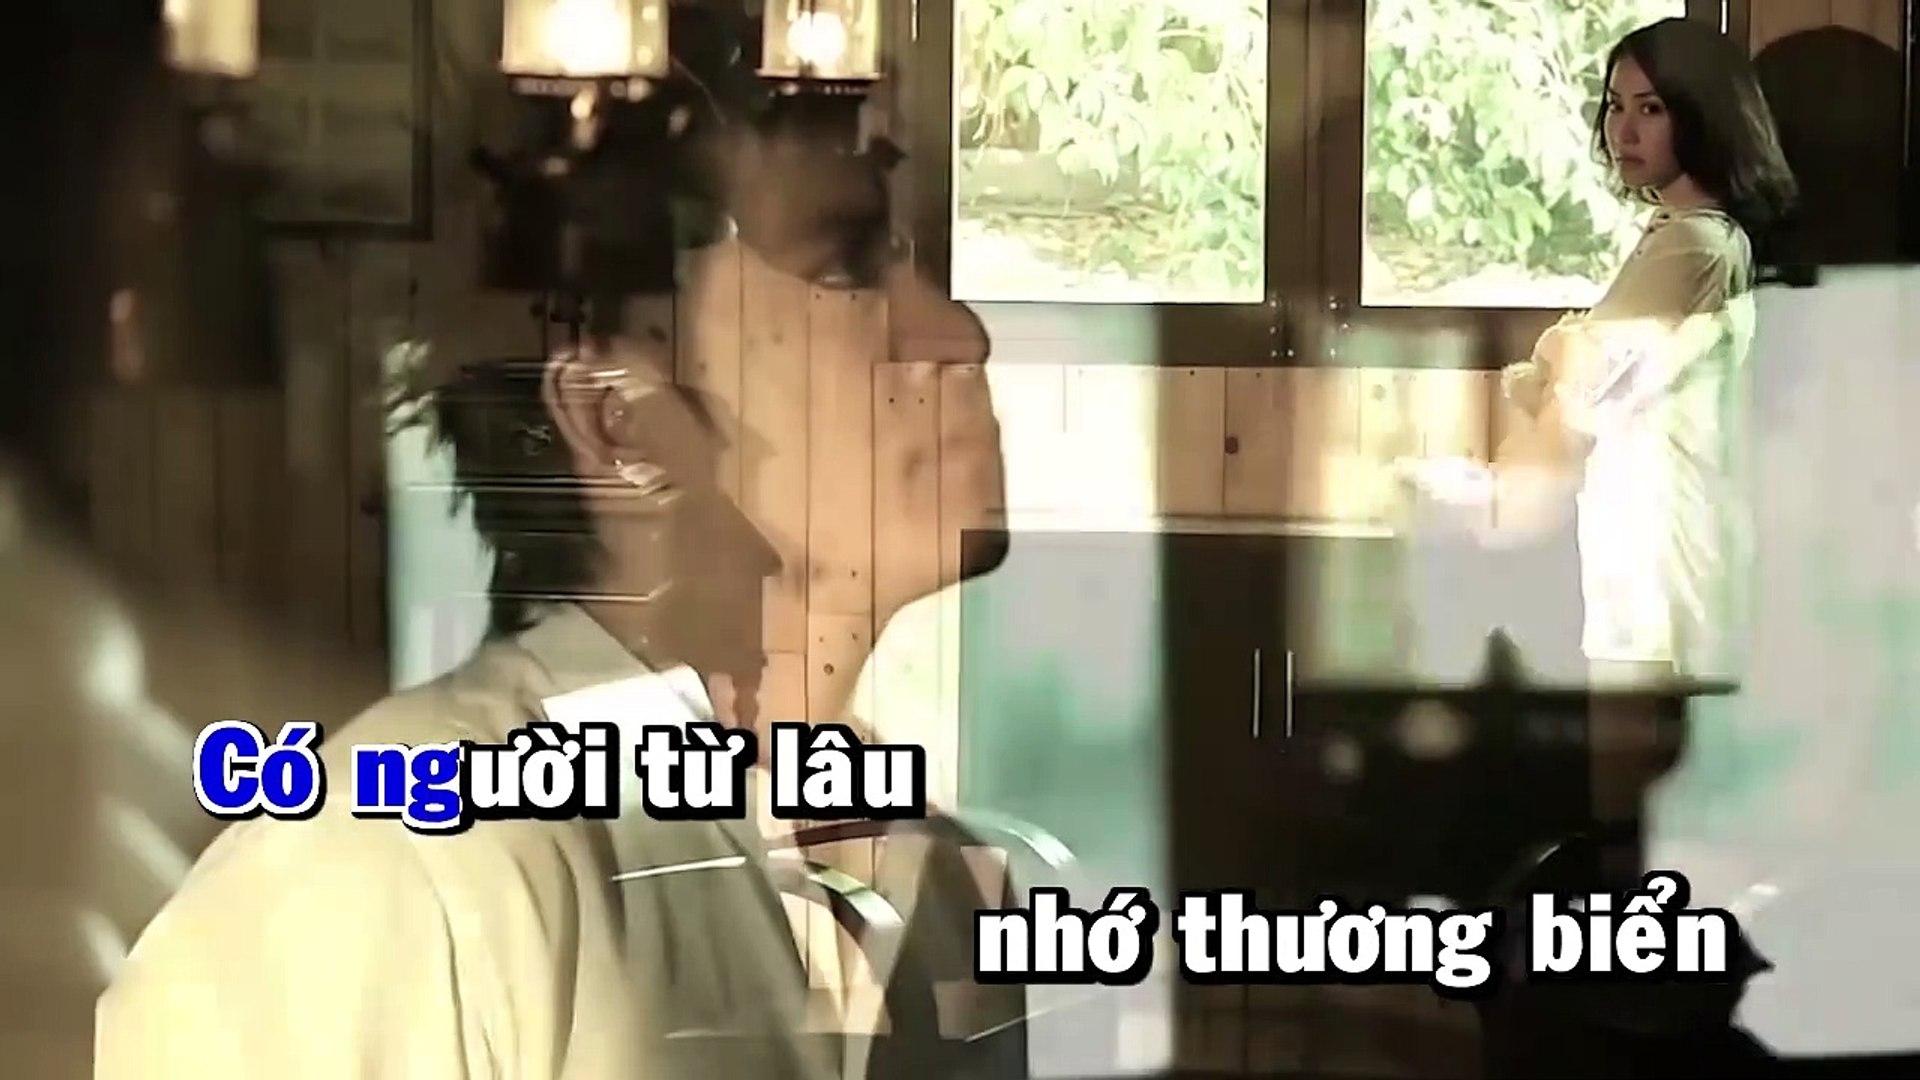 [Karaoke] Biển Cạn - Tuấn Hưng [Beat]